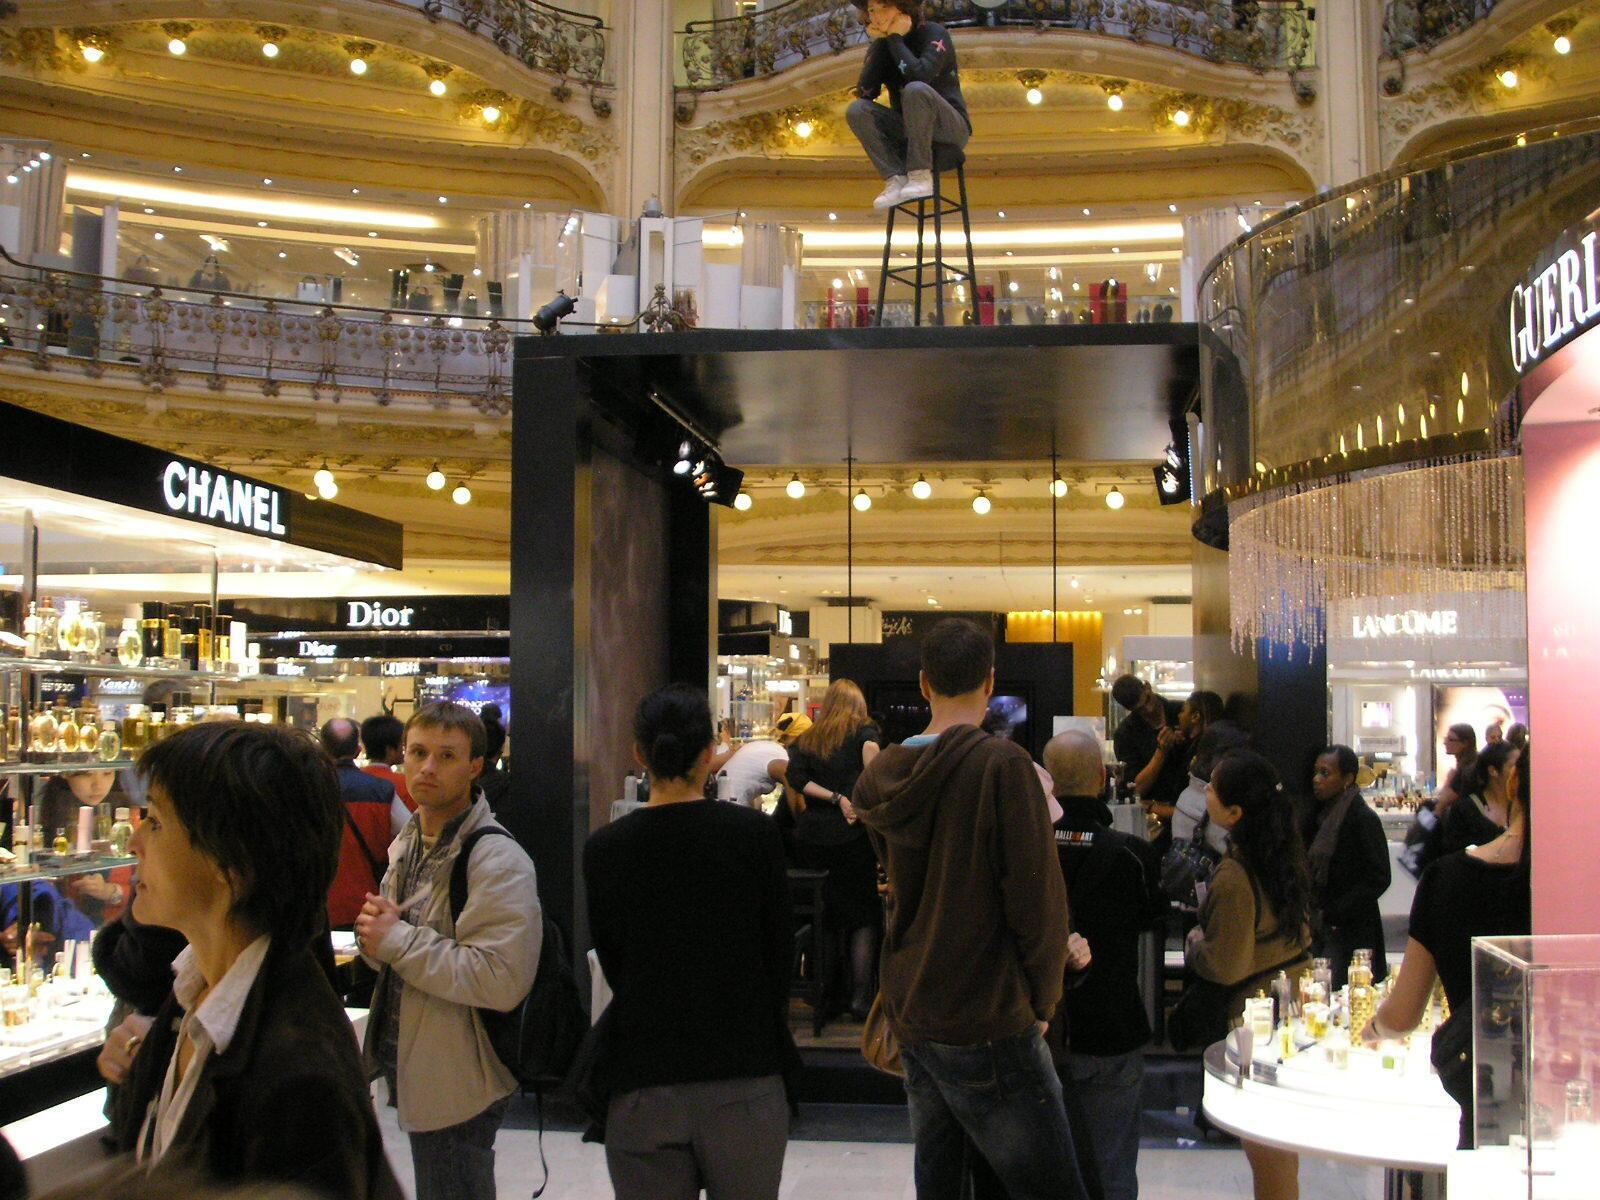 Galeries Lafayette que é uma loja de departamento francesa.